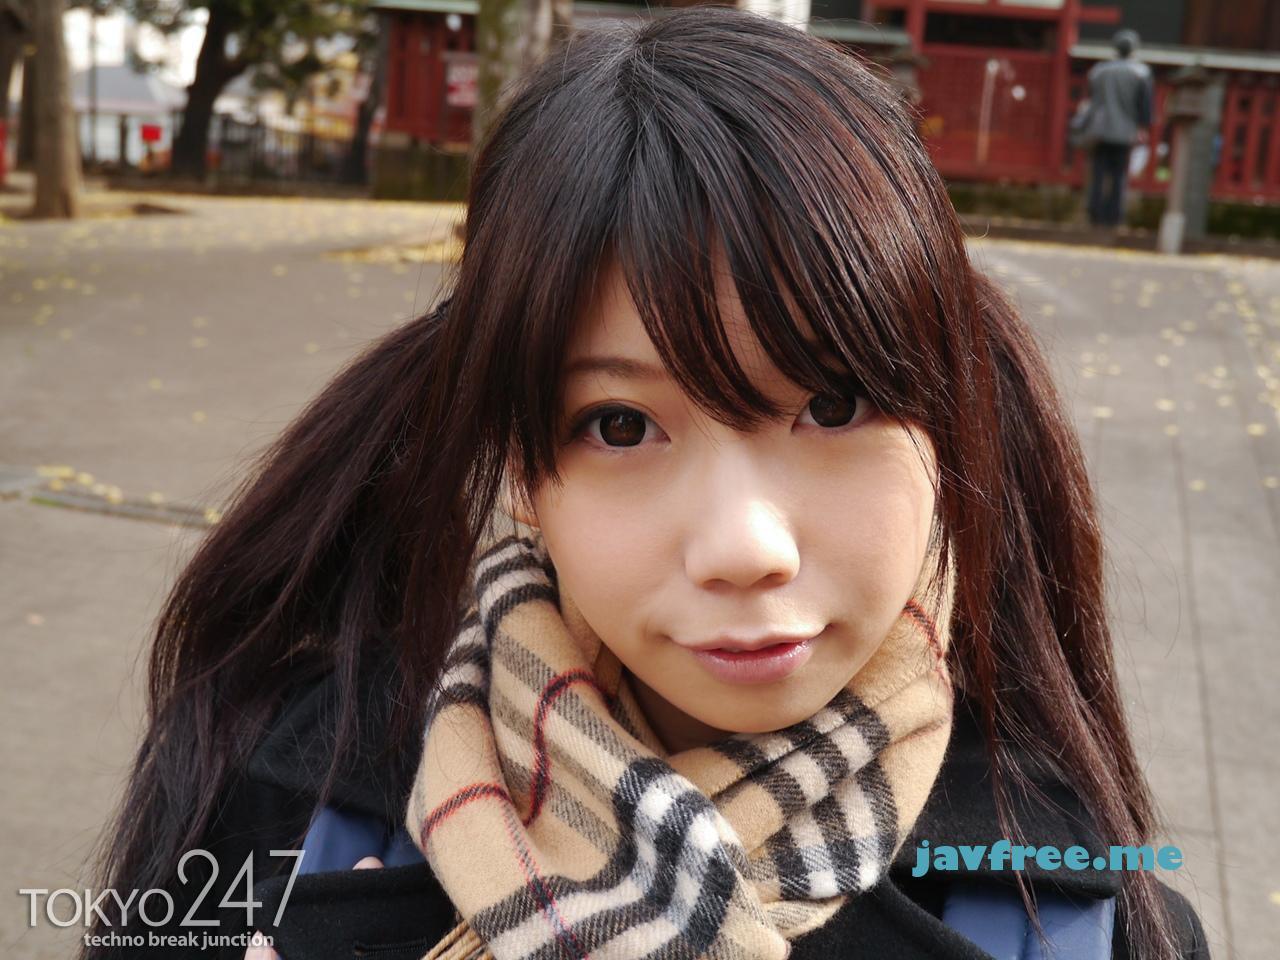 Tokyo 247 375natsu 葵なつ 葵なつ Tokyo 247